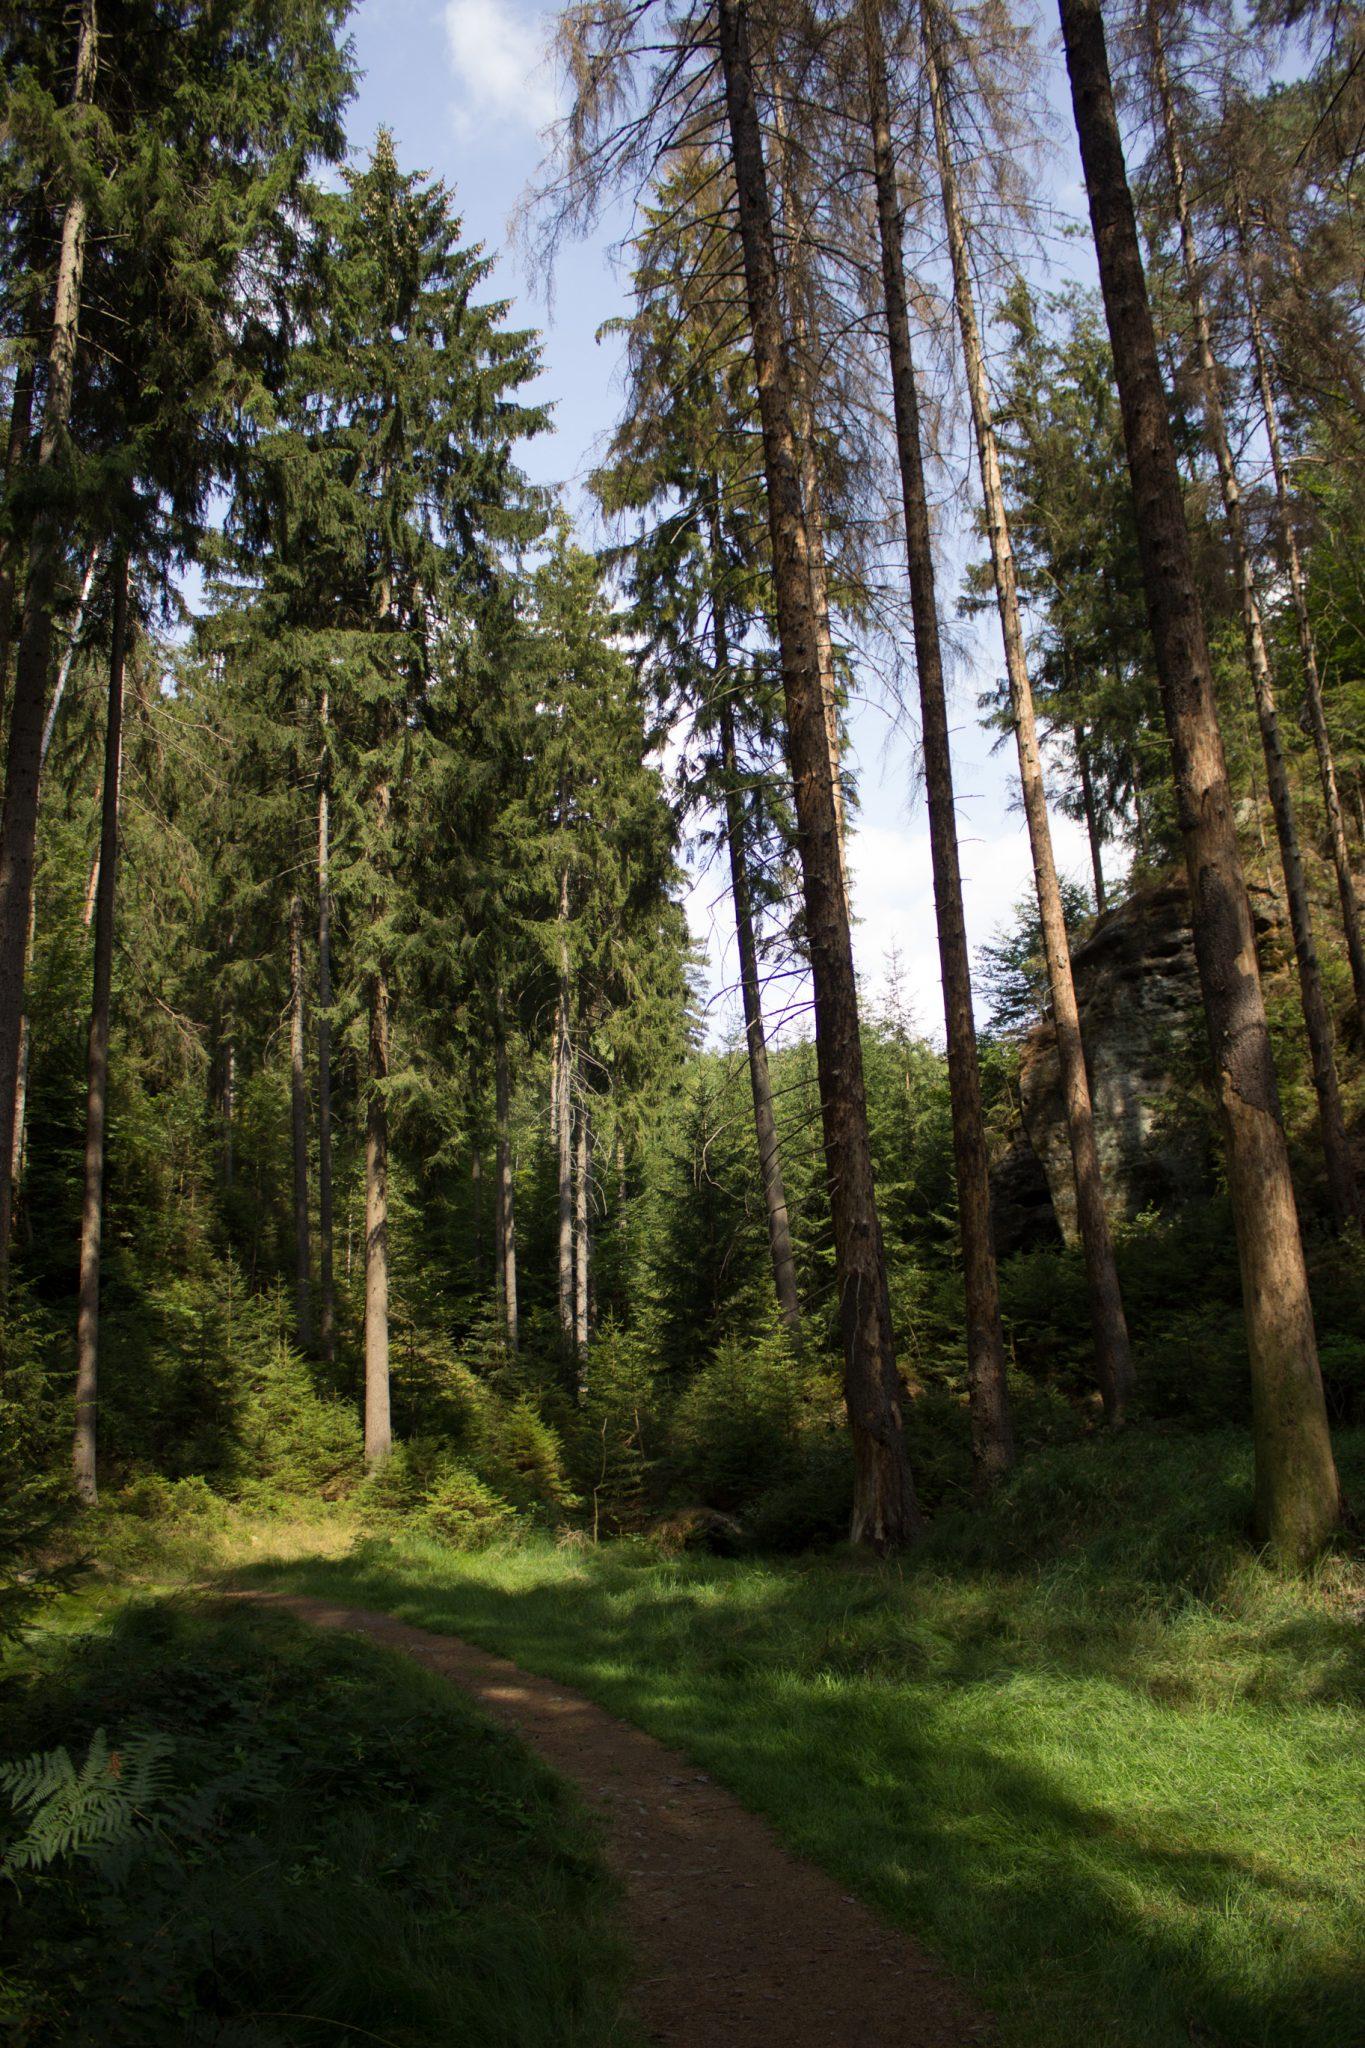 Kirnitzschklamm Hermanseck und Königsplatz im Kirnitzschtal wandern, Wanderweg im Wanderparadies Sächsische Schweiz mit vielen tollen Aussichten, riesiger Felsennationalpark, feiner schmaler Pfad